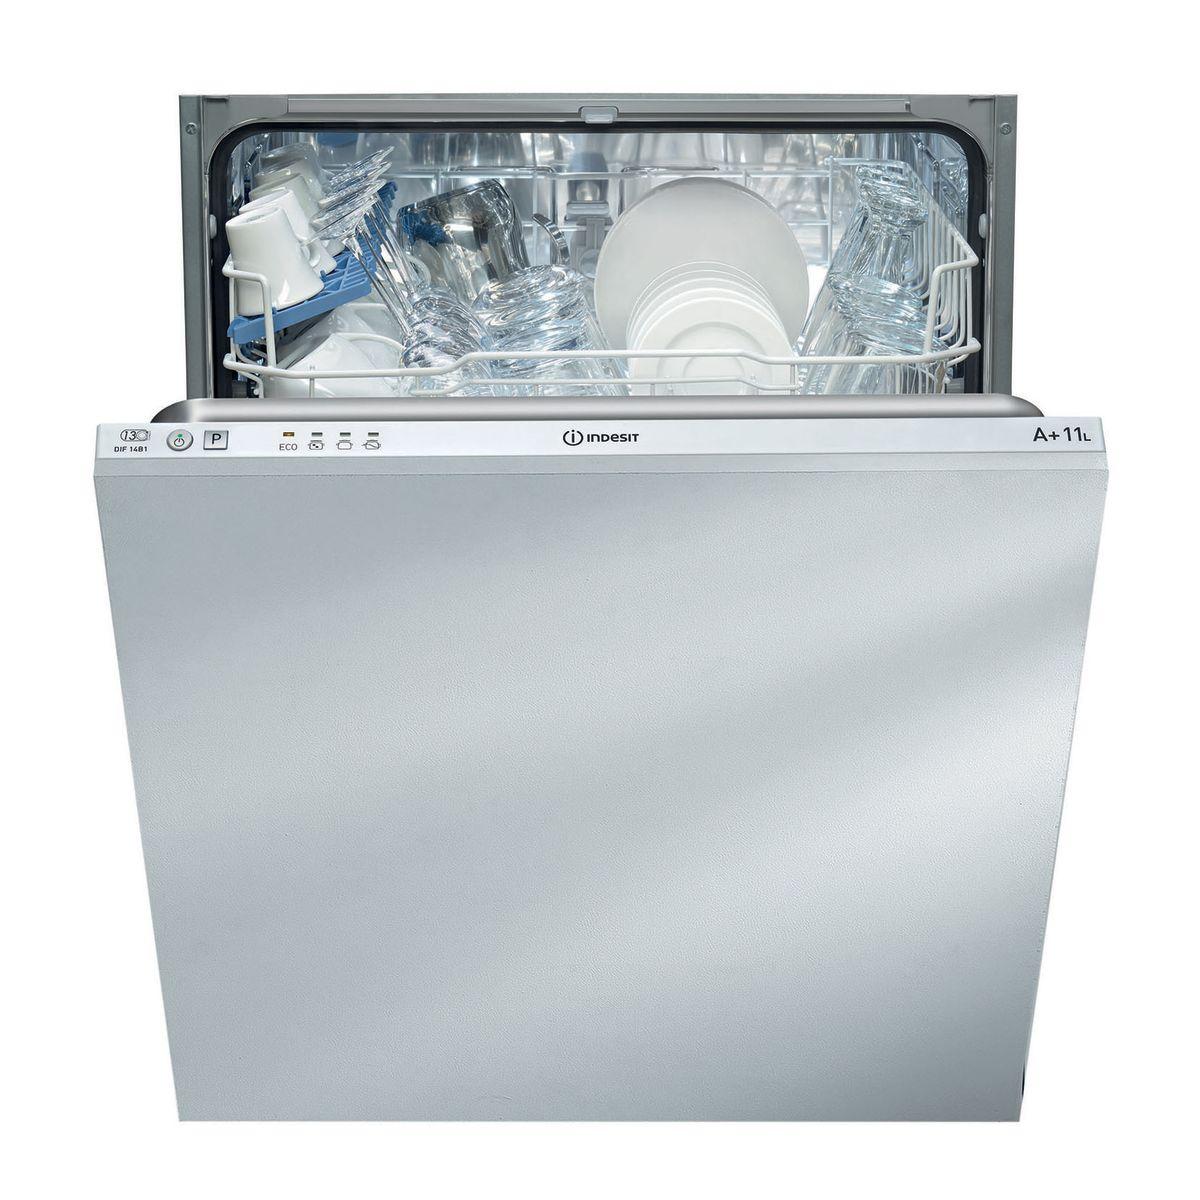 Lavastoviglie: prezzi e offerte online per lavastoviglie